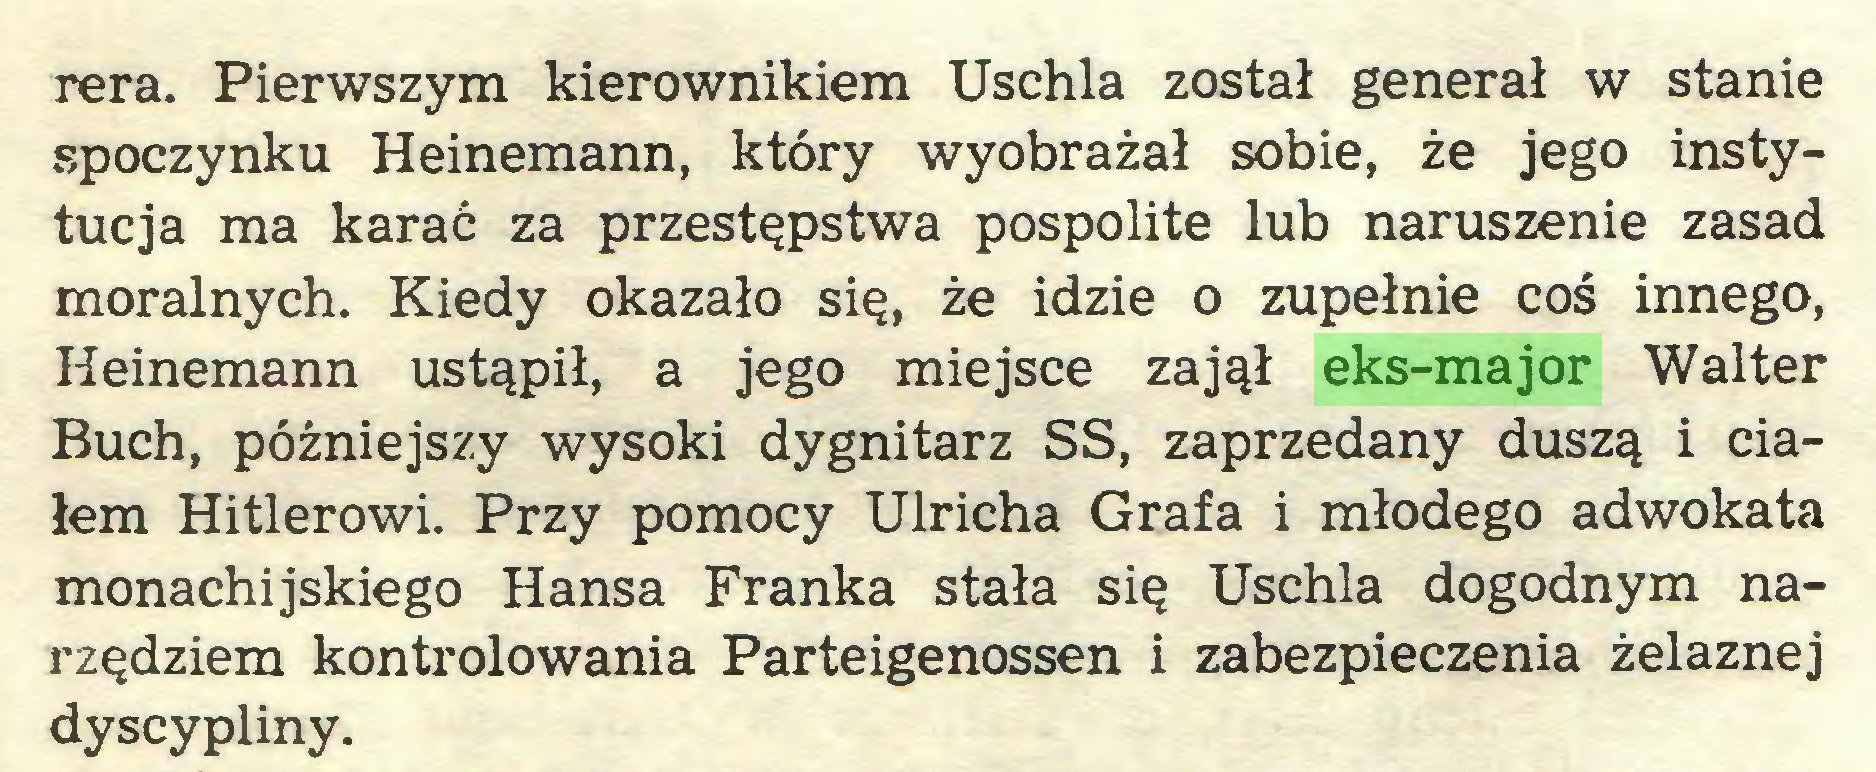 (...) Tera. Pierwszym kierownikiem Uschła został generał w stanie spoczynku Heinemann, który wyobrażał sobie, że jego instytucja ma karać za przestępstwa pospolite lub naruszenie zasad moralnych. Kiedy okazało się, że idzie o zupełnie coś innego, Heinemann ustąpił, a jego miejsce zajął eks-major Walter Buch, późniejszy wysoki dygnitarz SS, zaprzedany duszą i ciałem Hitlerowi. Przy pomocy Ulricha Grafa i młodego adwokata monachijskiego Hansa Franka stała się Uschła dogodnym narzędziem kontrolowania Parteigenossen i zabezpieczenia żelaznej dyscypliny...